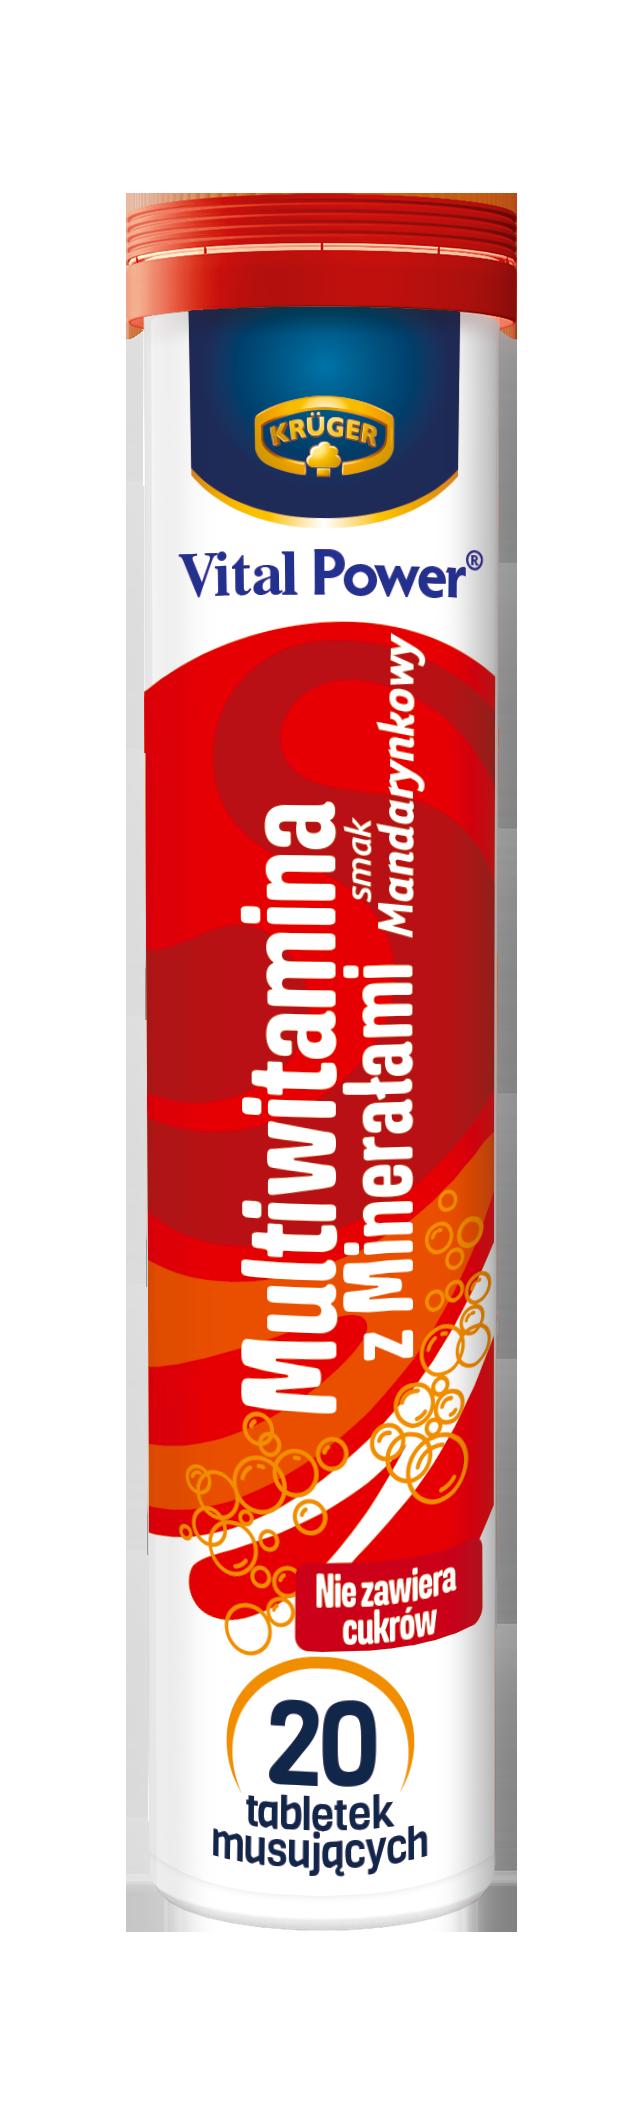 Krüger Multiwitamina z minerałami Suplement diety. Tabletki musujące o smaku mandarynkowym